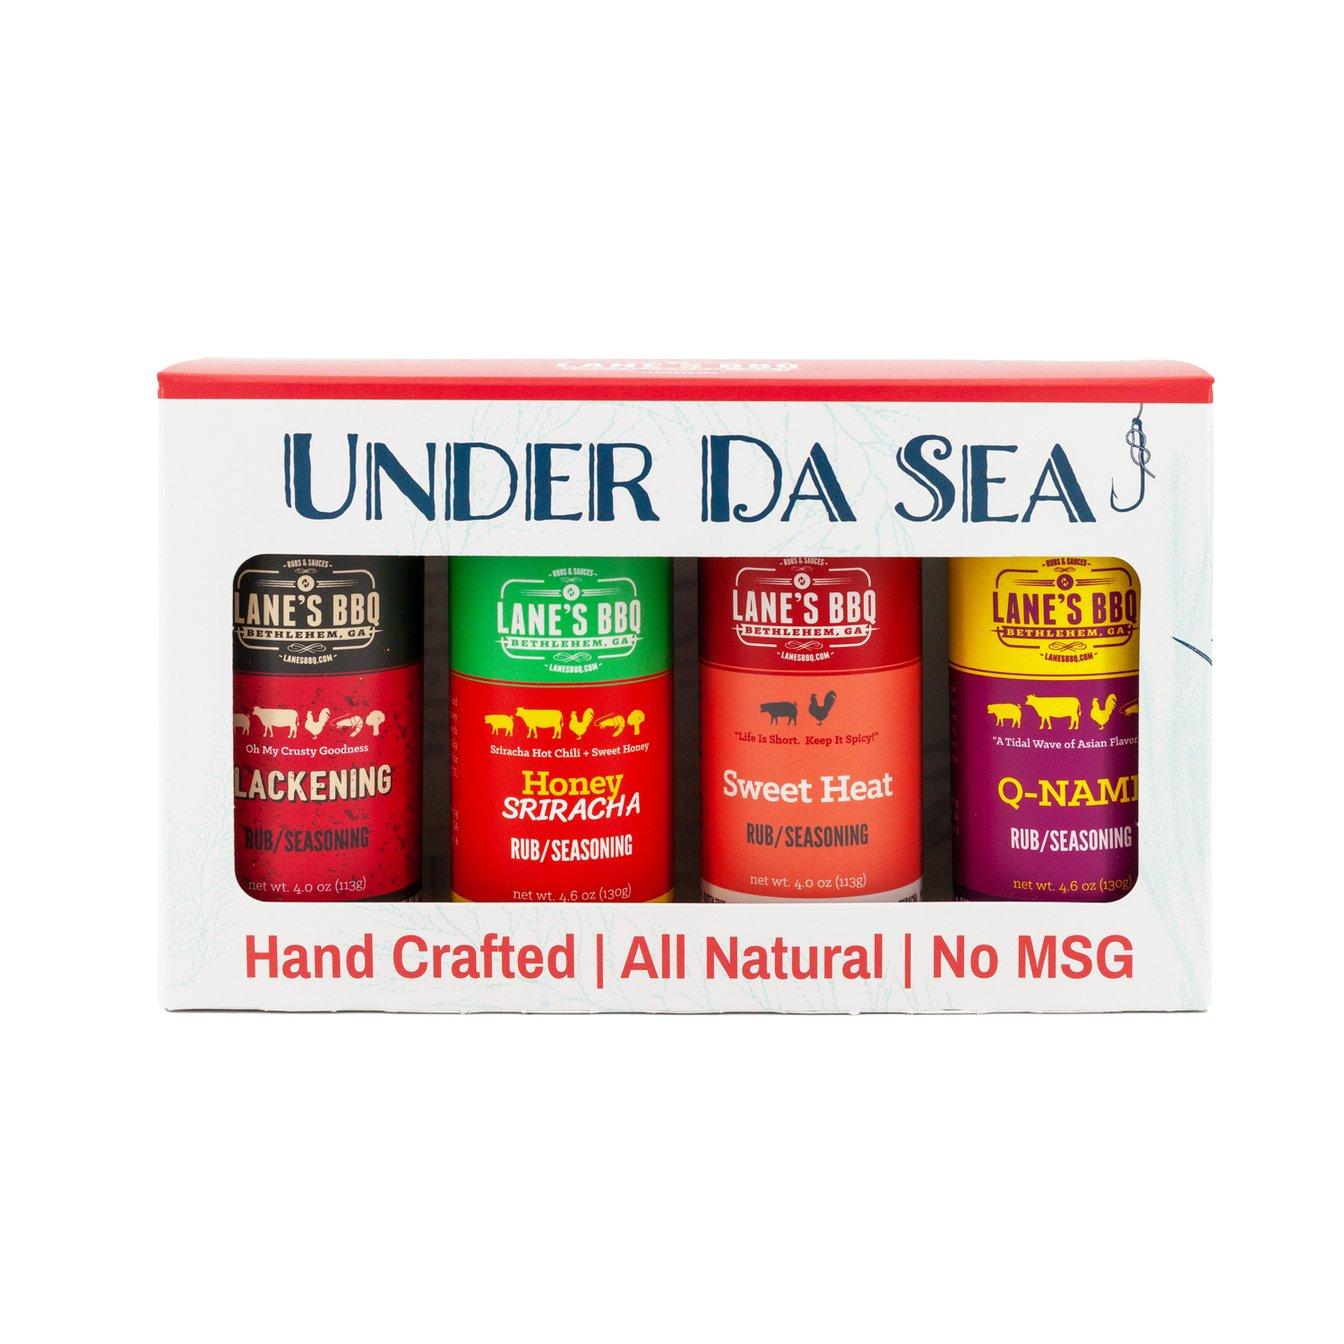 under-da-sea-front_1344x1344